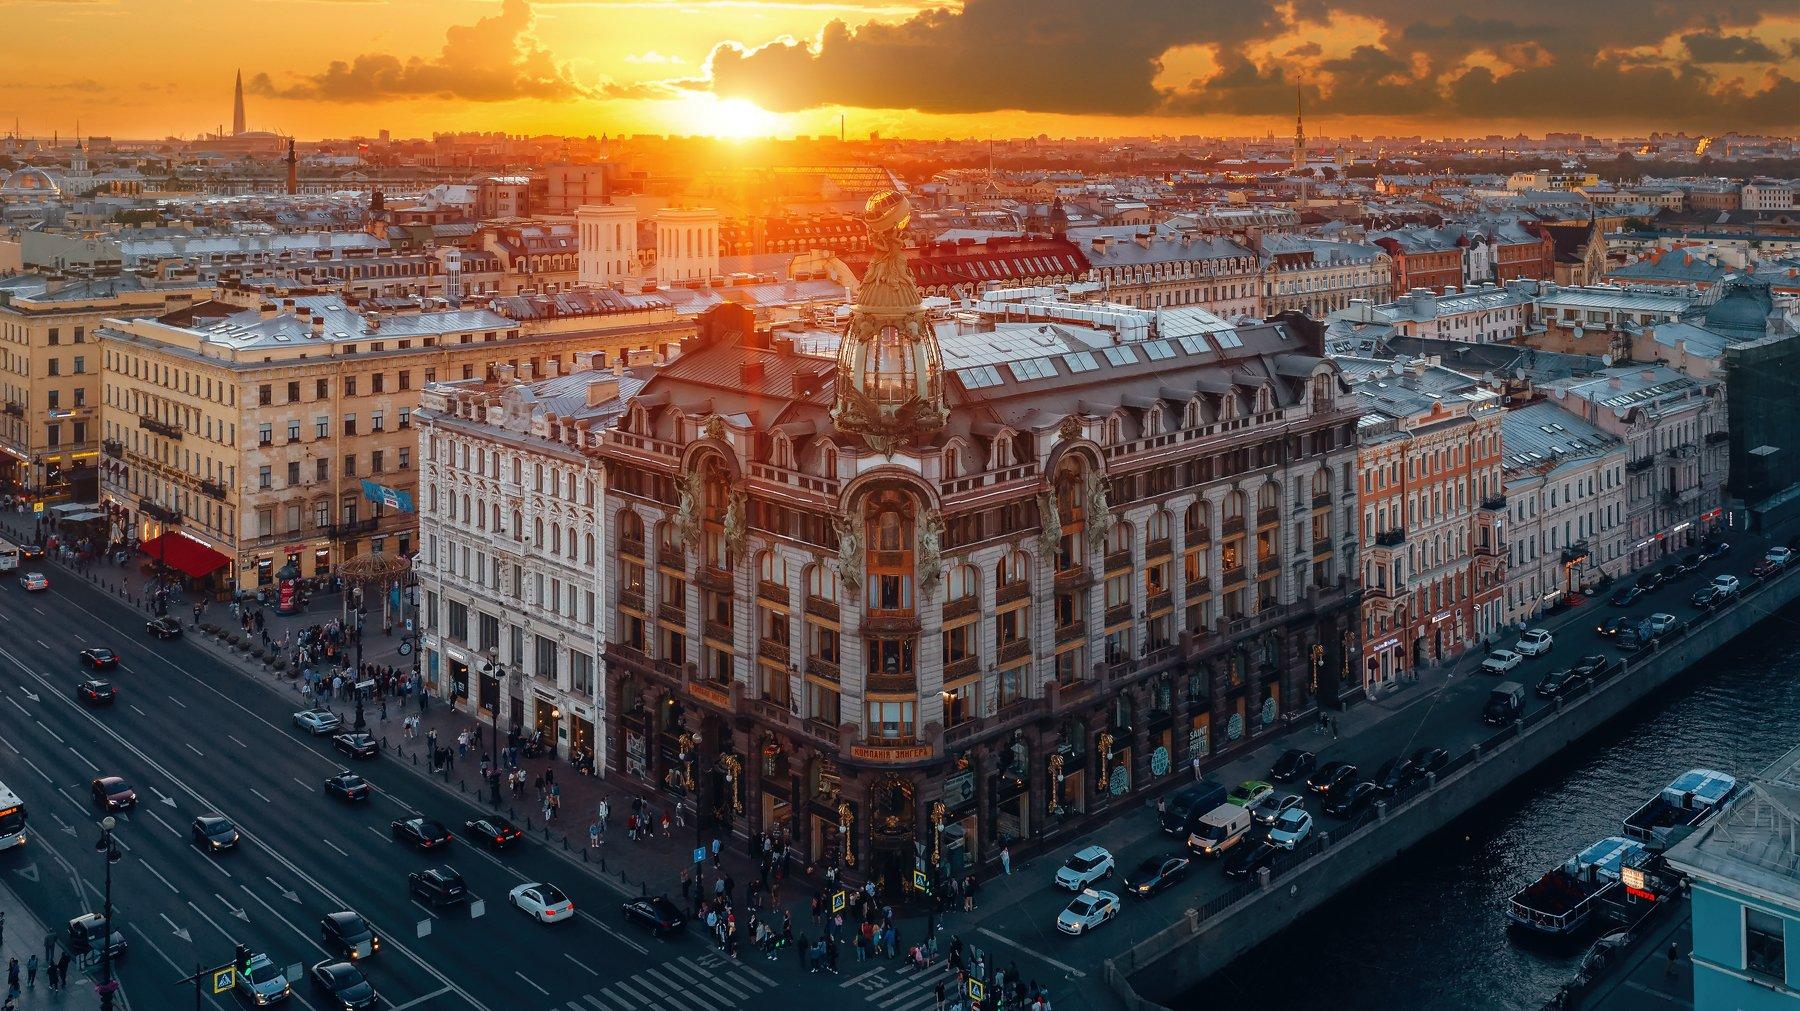 #спб, #питер, #город, #закат, #sunset, #city, Михайлов Андрей